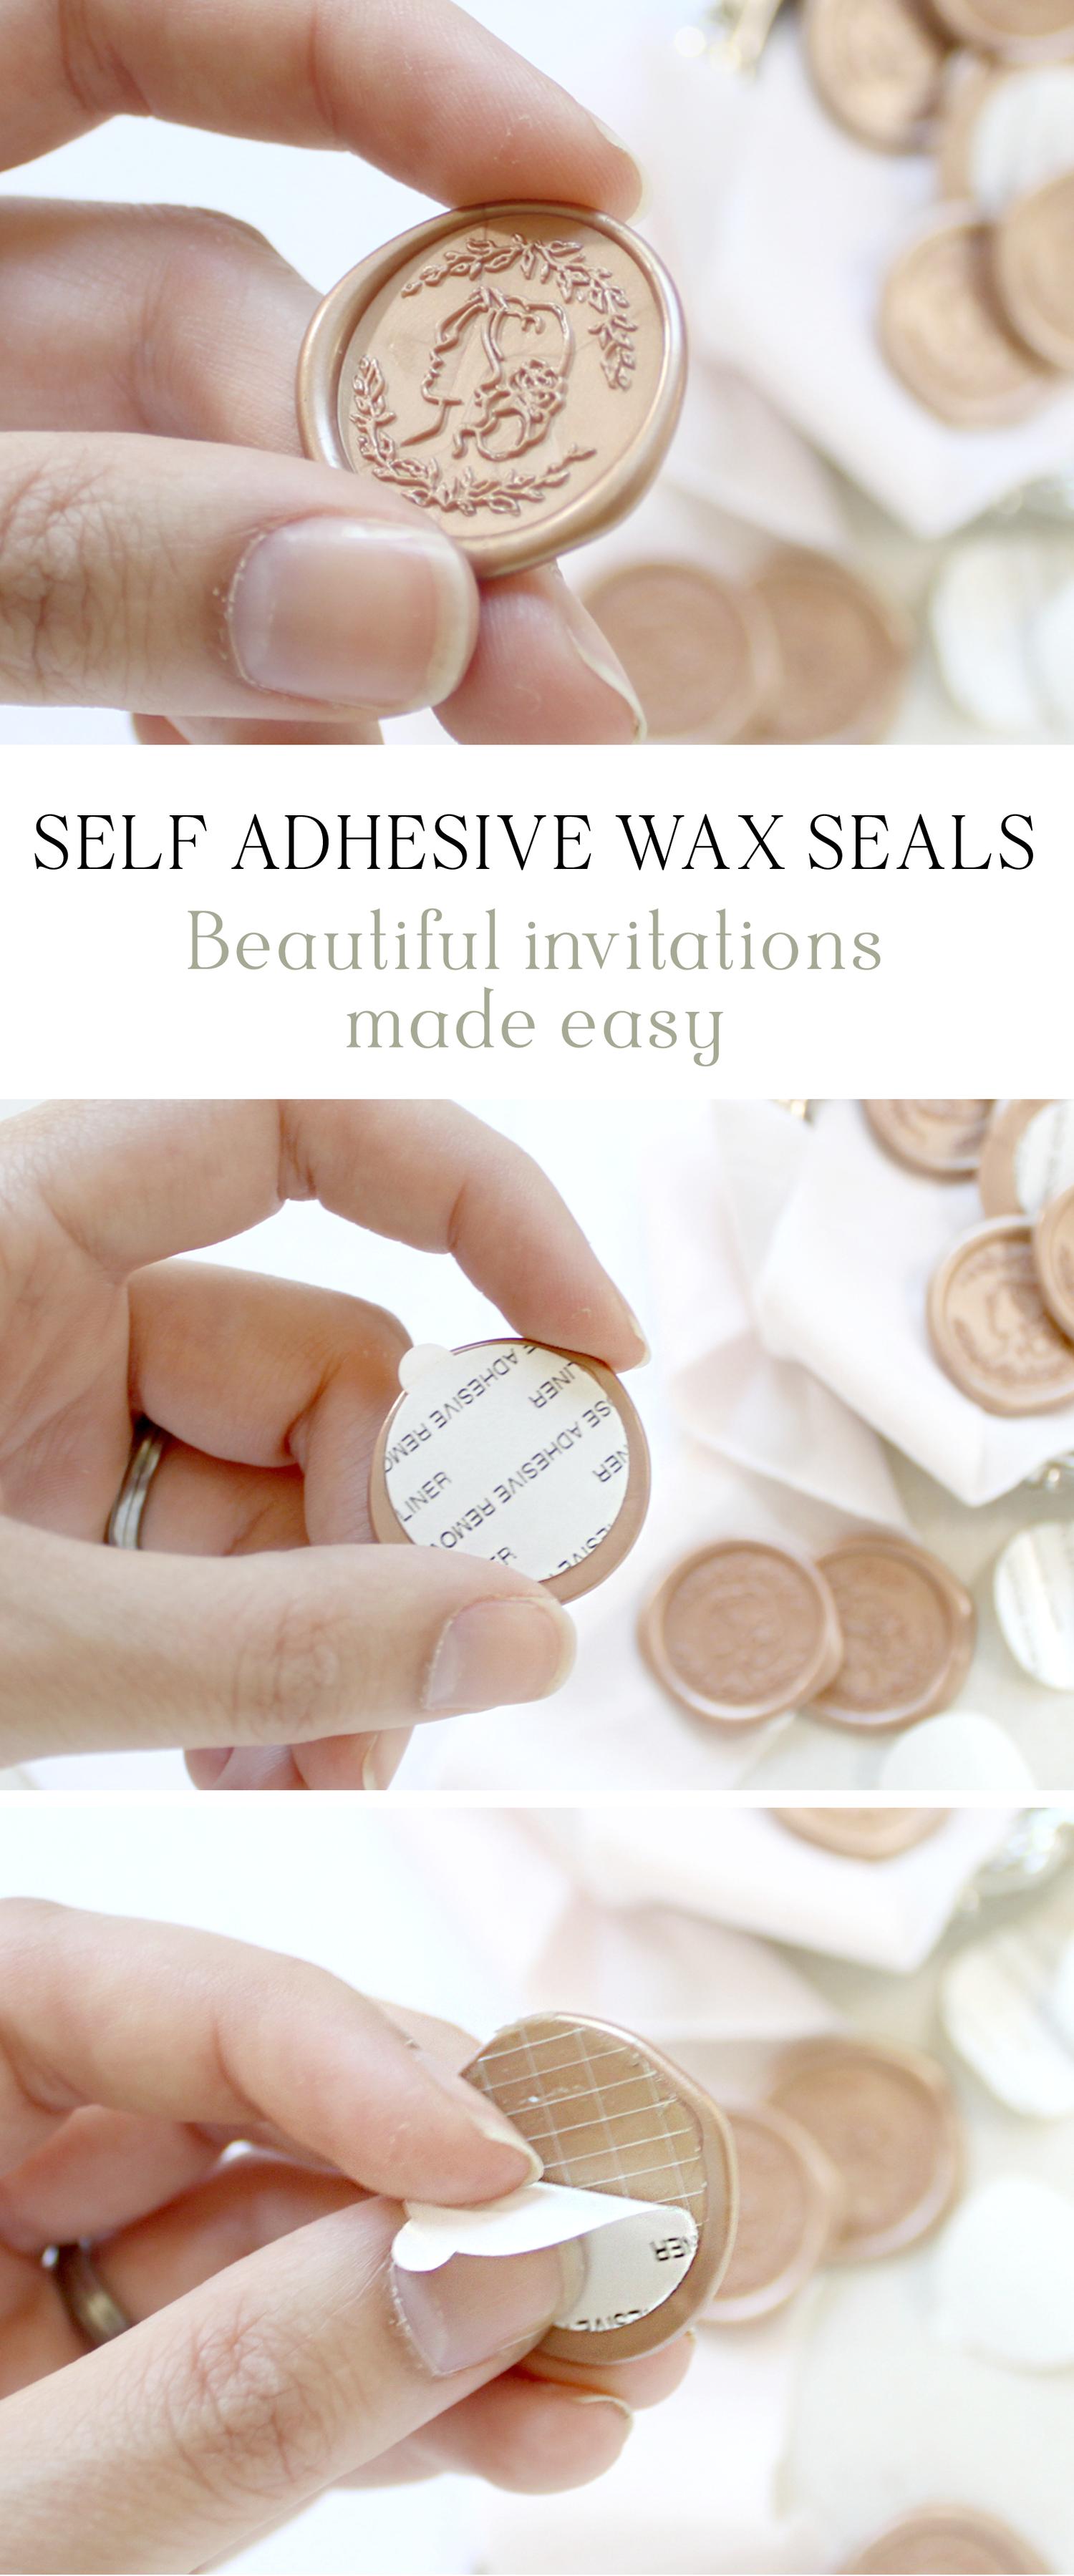 Custom Wax Seals for Wedding Invitations   Wax seals, Weddings and ...